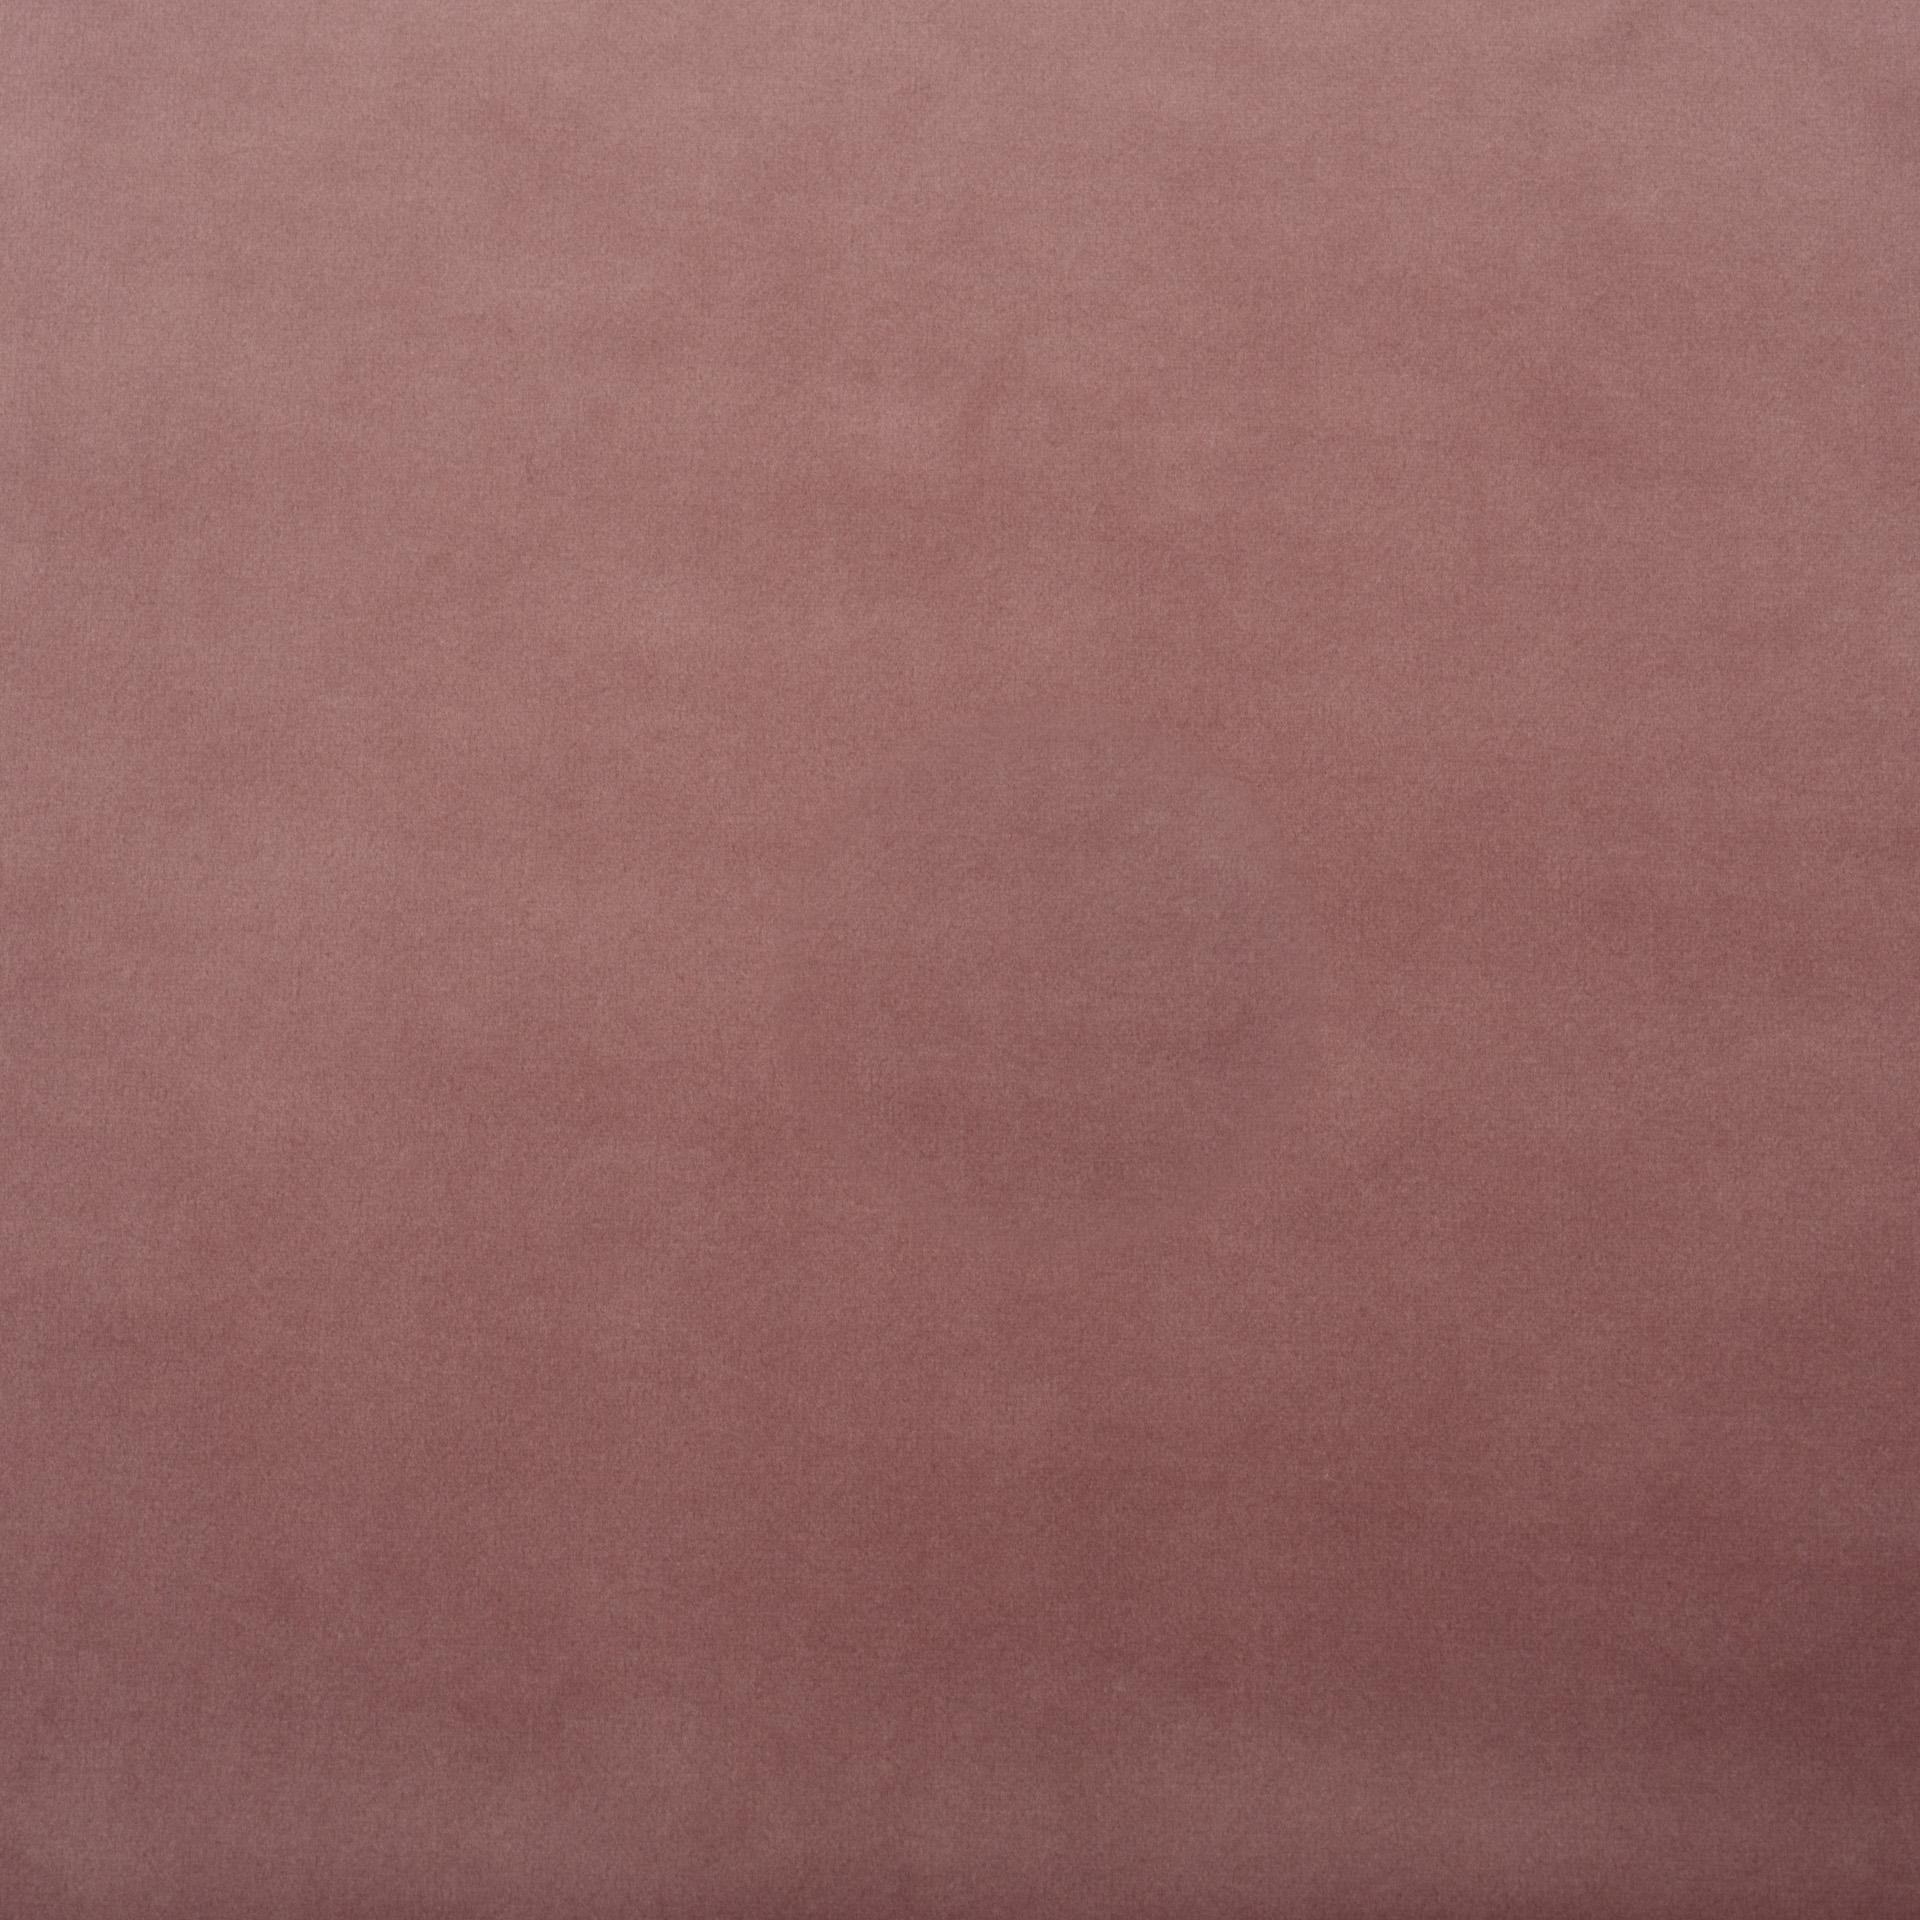 Коллекция ткани Альмира 03 ROSE ICE,  купить ткань Велюр для мебели Украина